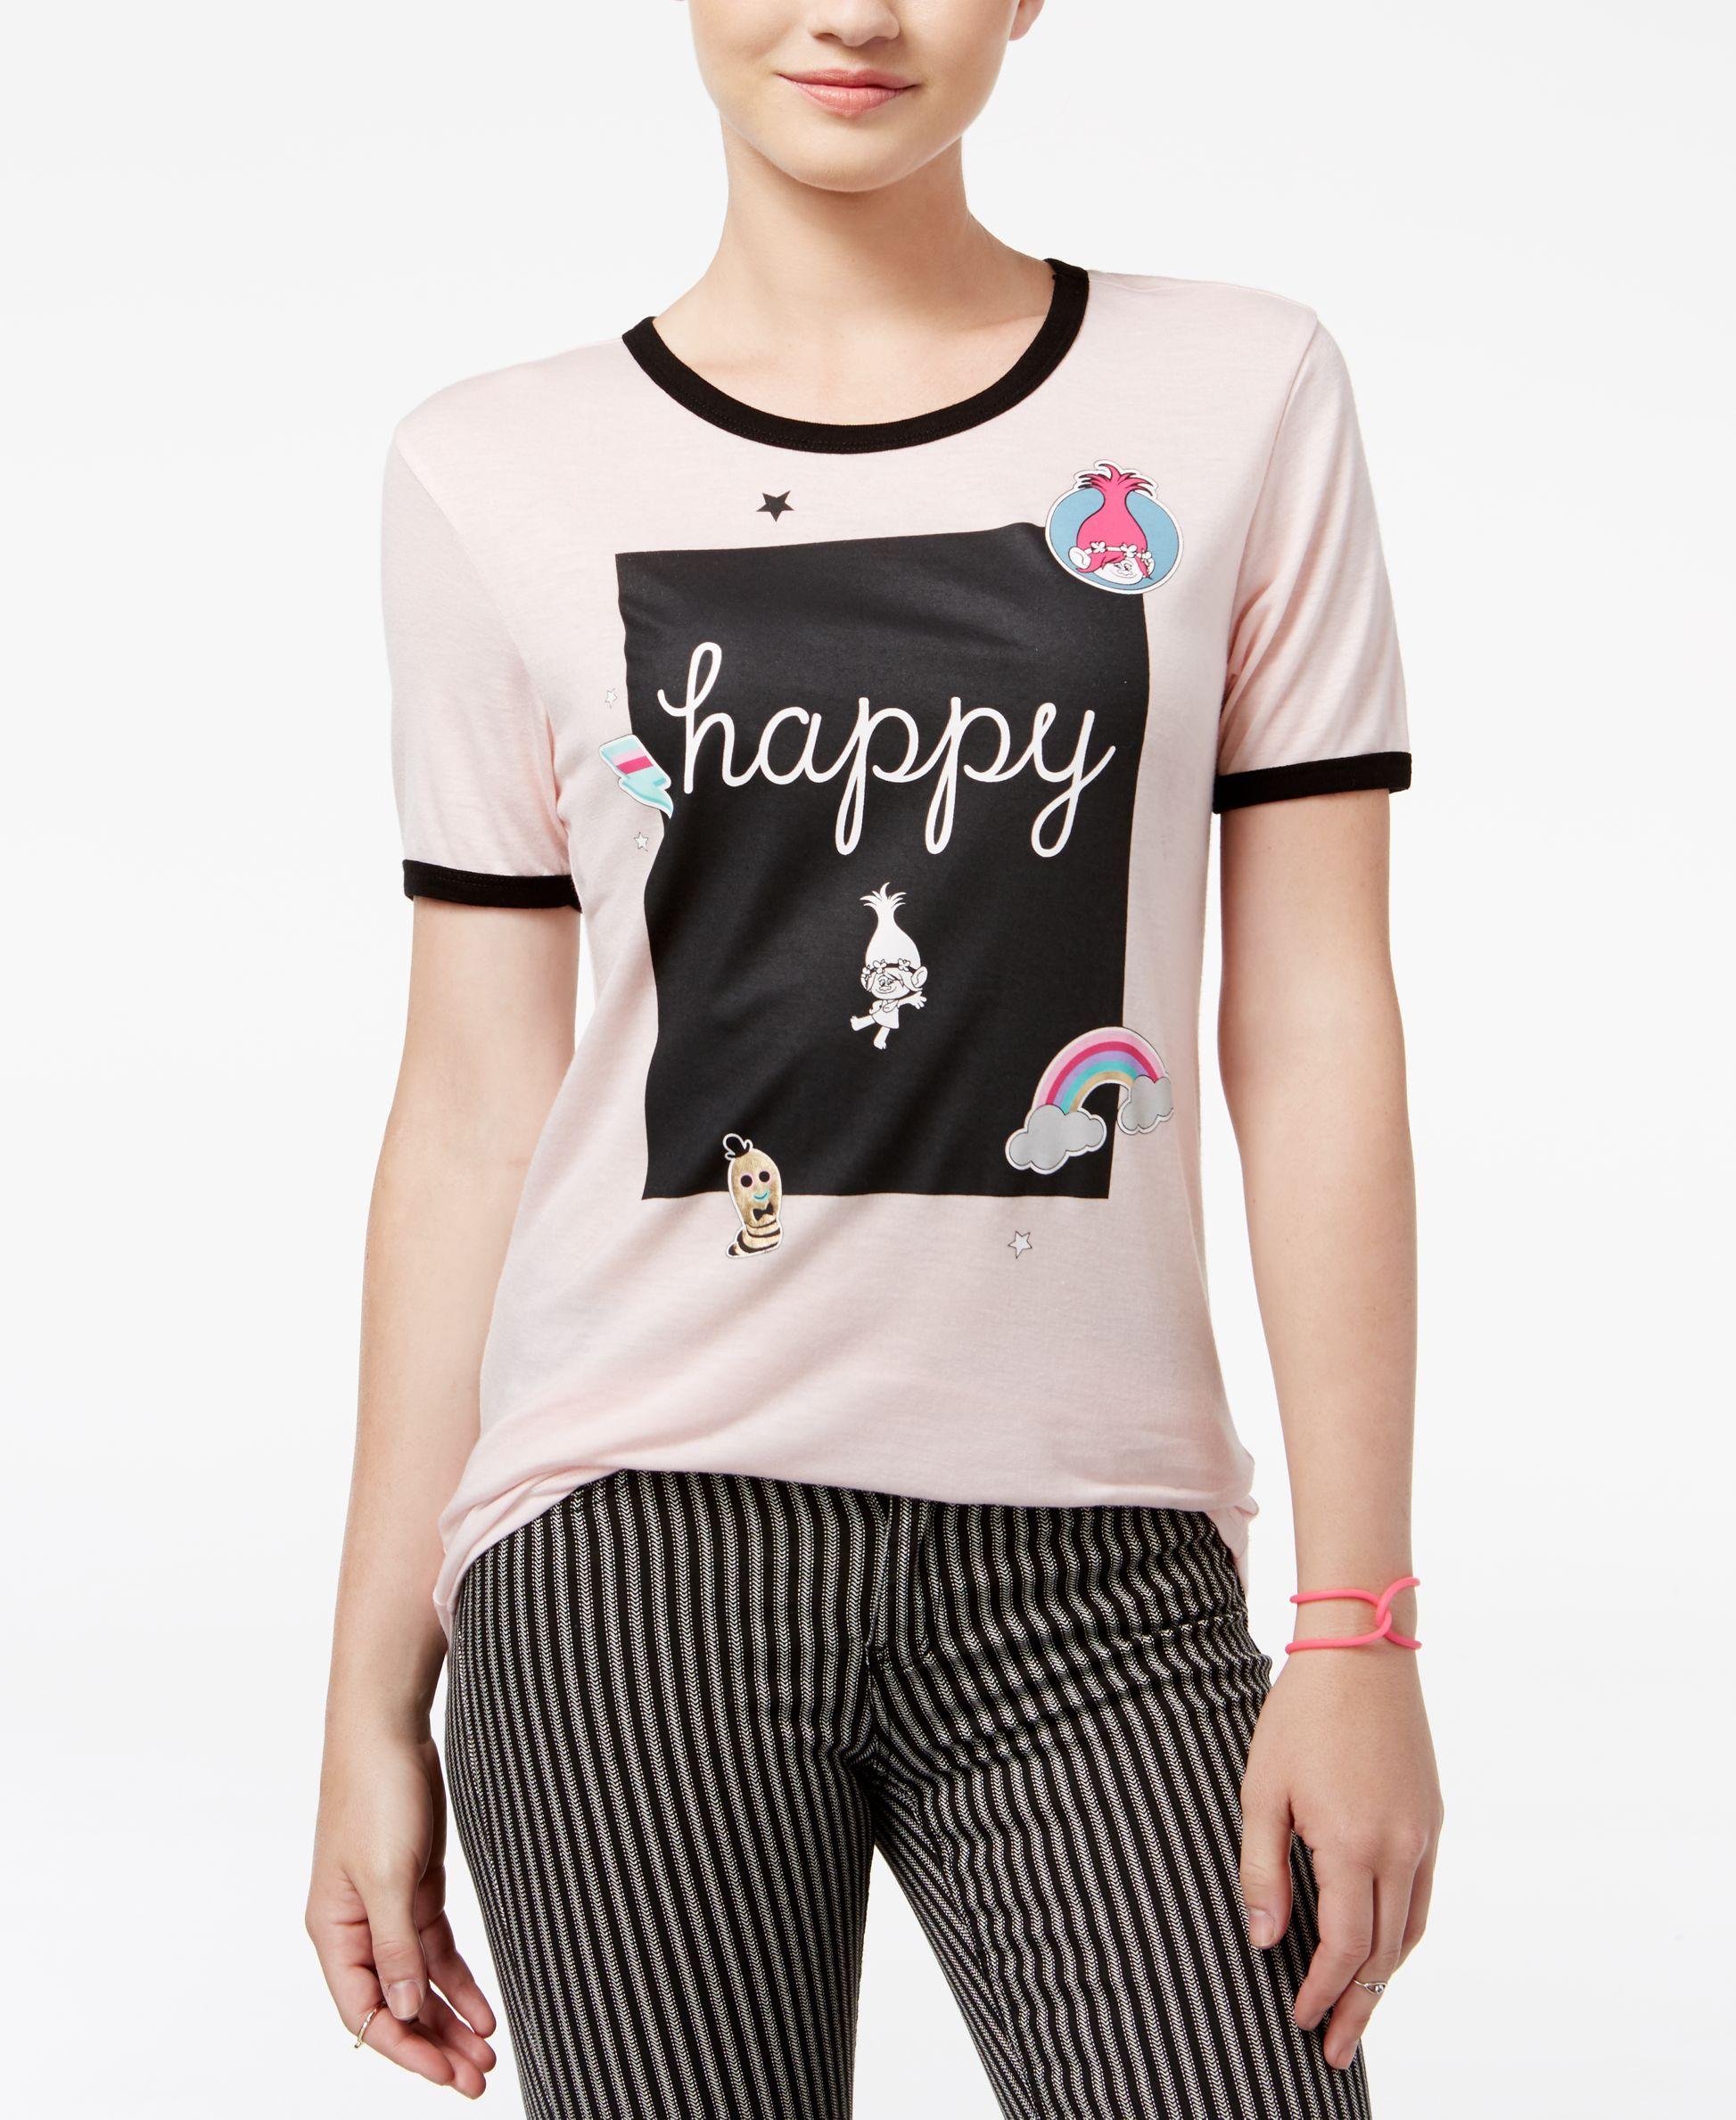 c97abc007 Trolls by DreamWorks Juniors' Happy Graphic T-Shirt | Iriana's ...